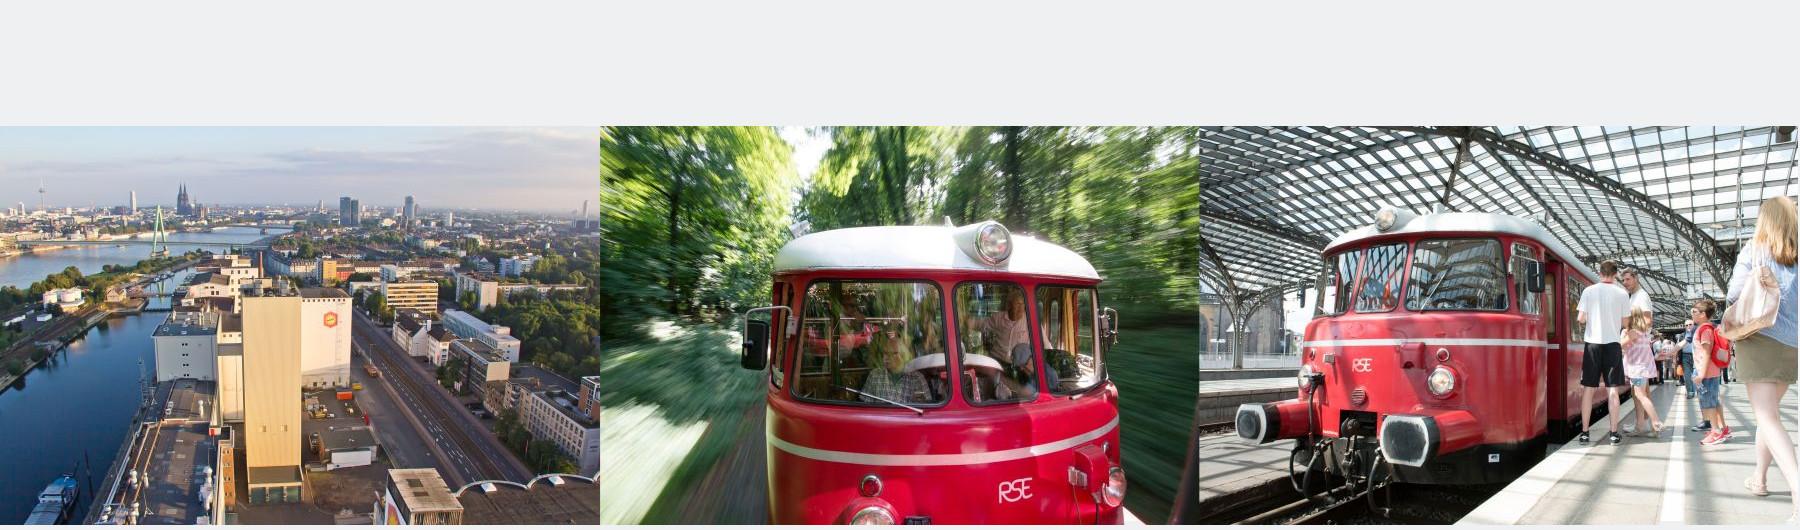 Schienenbustour: Rund um Köln und auf der Klüttenbahn bis Frechen am Sonntag, 29. Juli 2018 um 16.50 Uhr